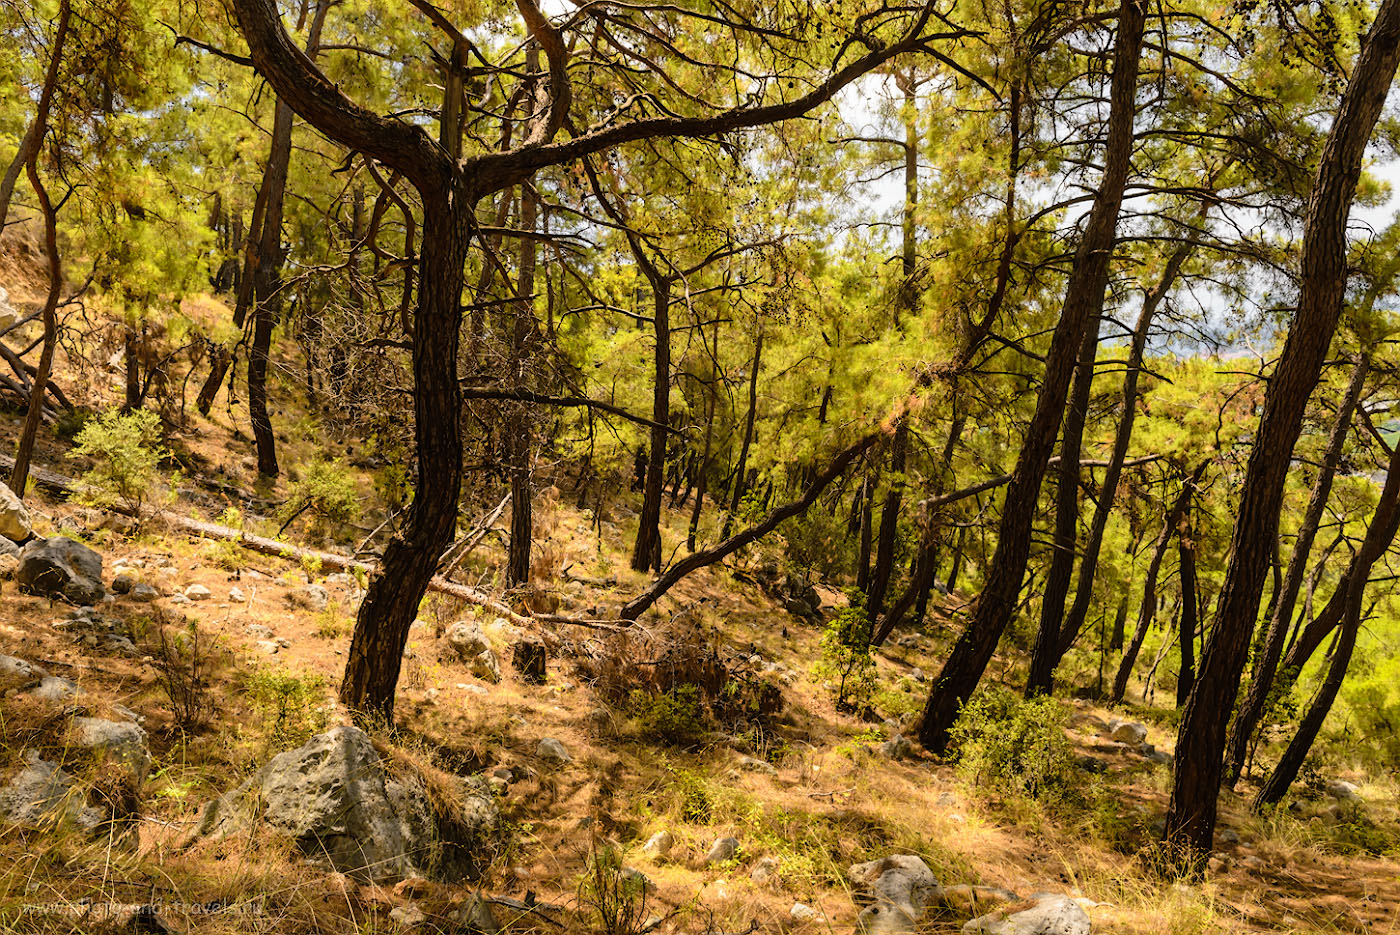 Фотография 4. Кедровый лес на склоне горы Чалыш в окрестностях Кемера. Приключения туристов в Турции.